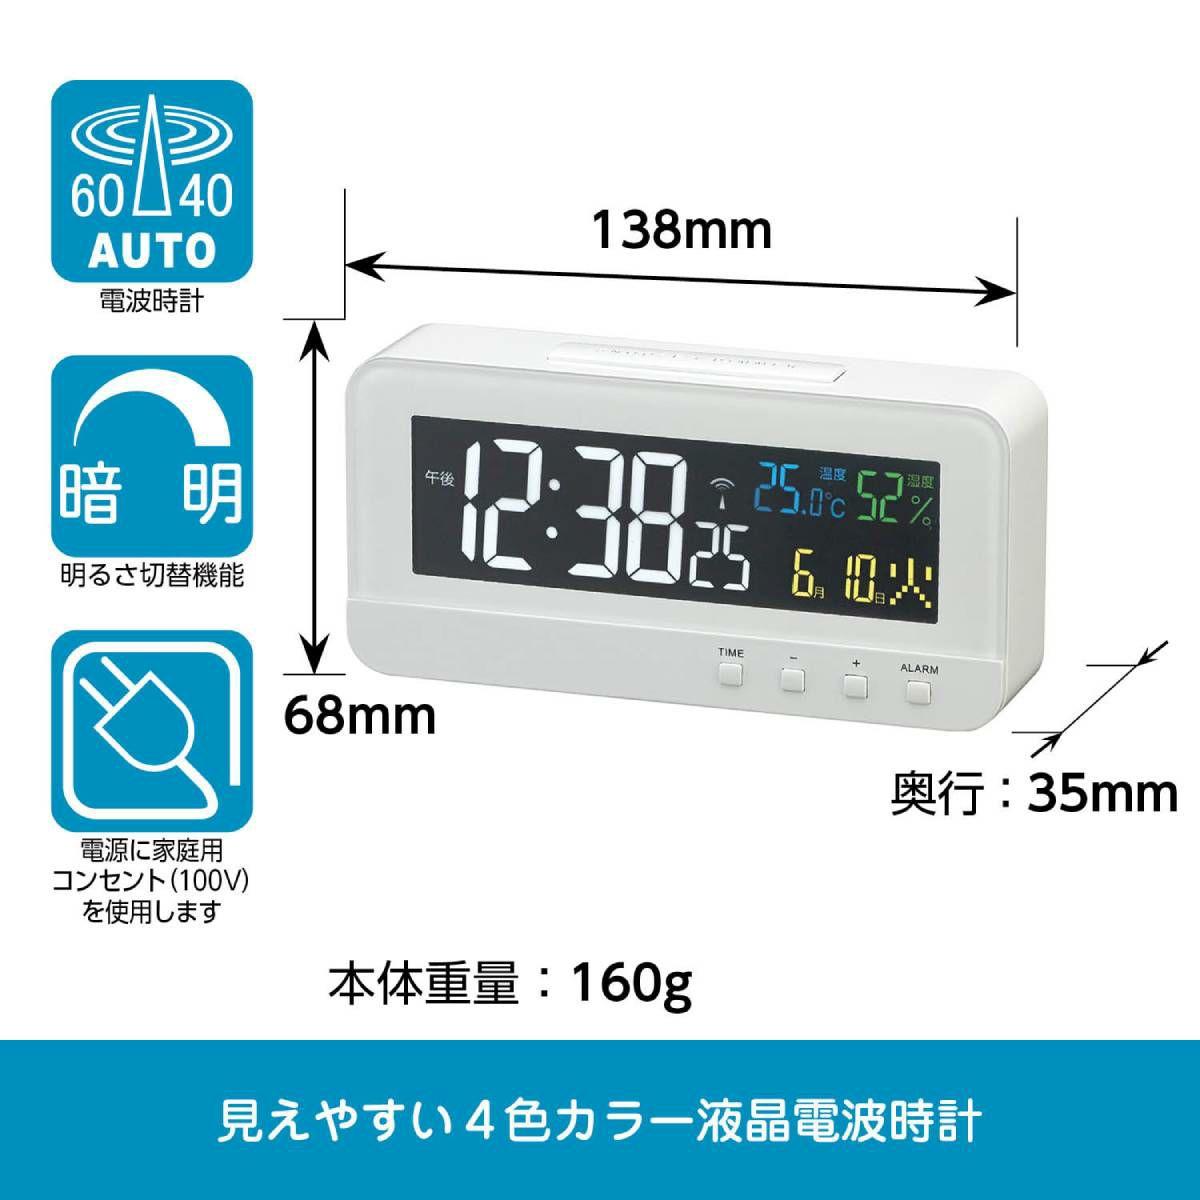 ≪メーカー直販≫ MAG(マグ) デジタル AC電源 電波時計 置時計 目覚まし時計 温度計 湿度計 カレンダー 静音 テレワーク リモートワーク 自宅勤務 便利グッズ T-684 カラーハープ ホワイト 1台 おしゃれ 一人暮らし みやすい